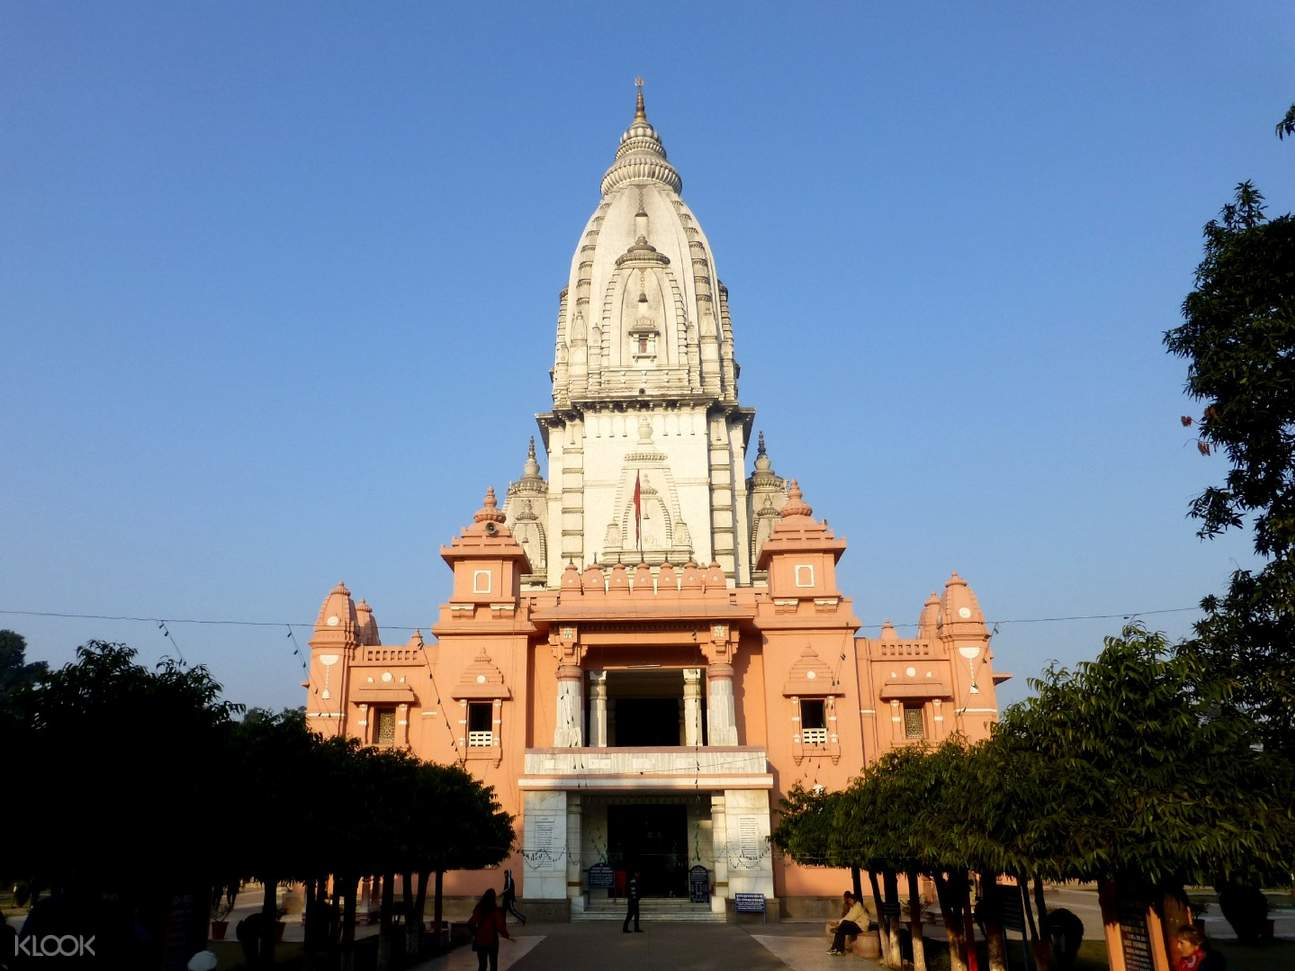 瓦拉纳西寺庙步行之旅